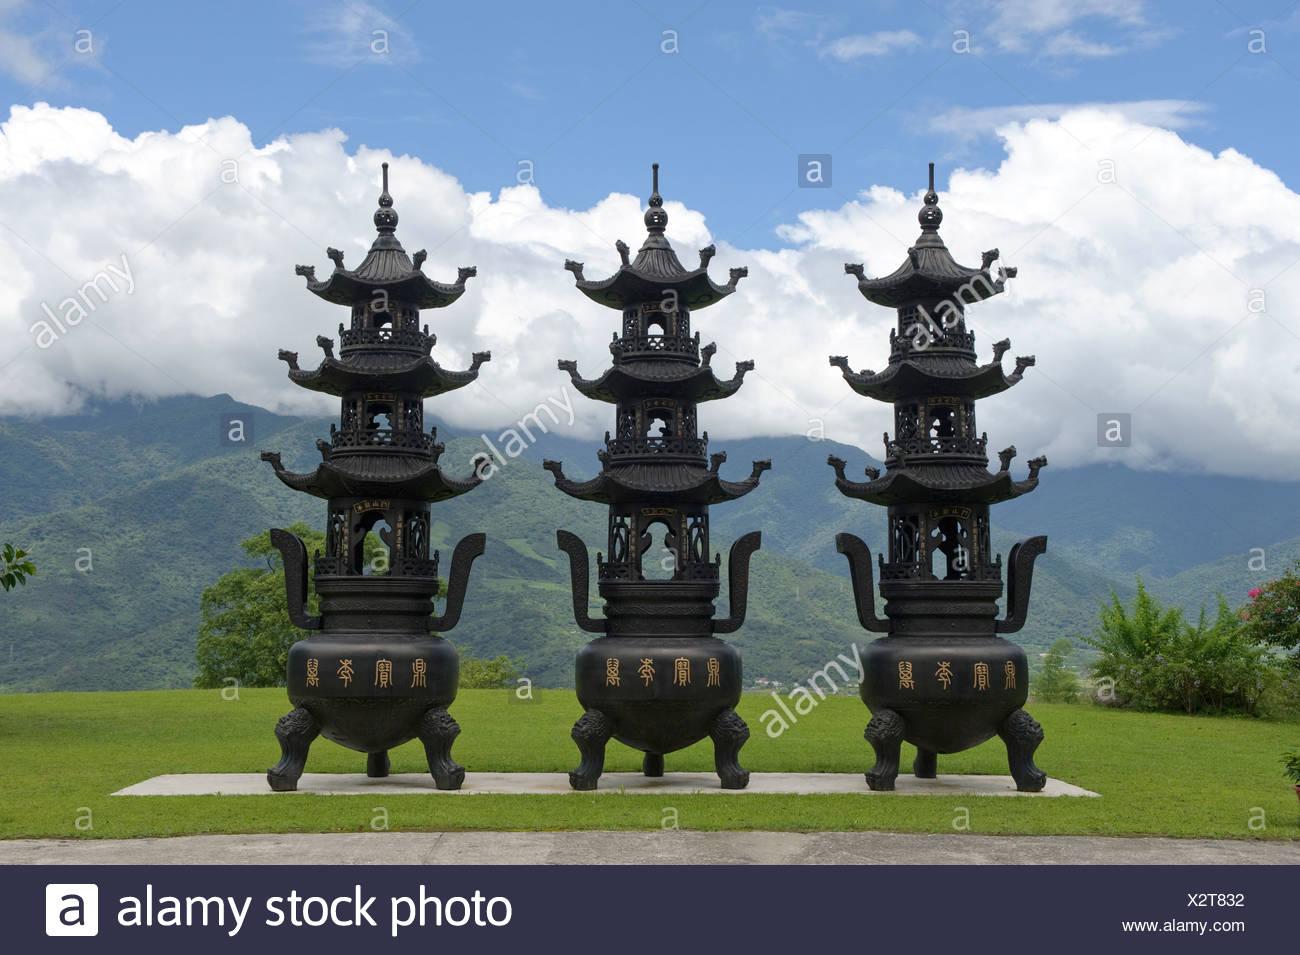 Asia, Taiwán, templo, Dong Fu Zan, East River Valley, religión Imagen De Stock